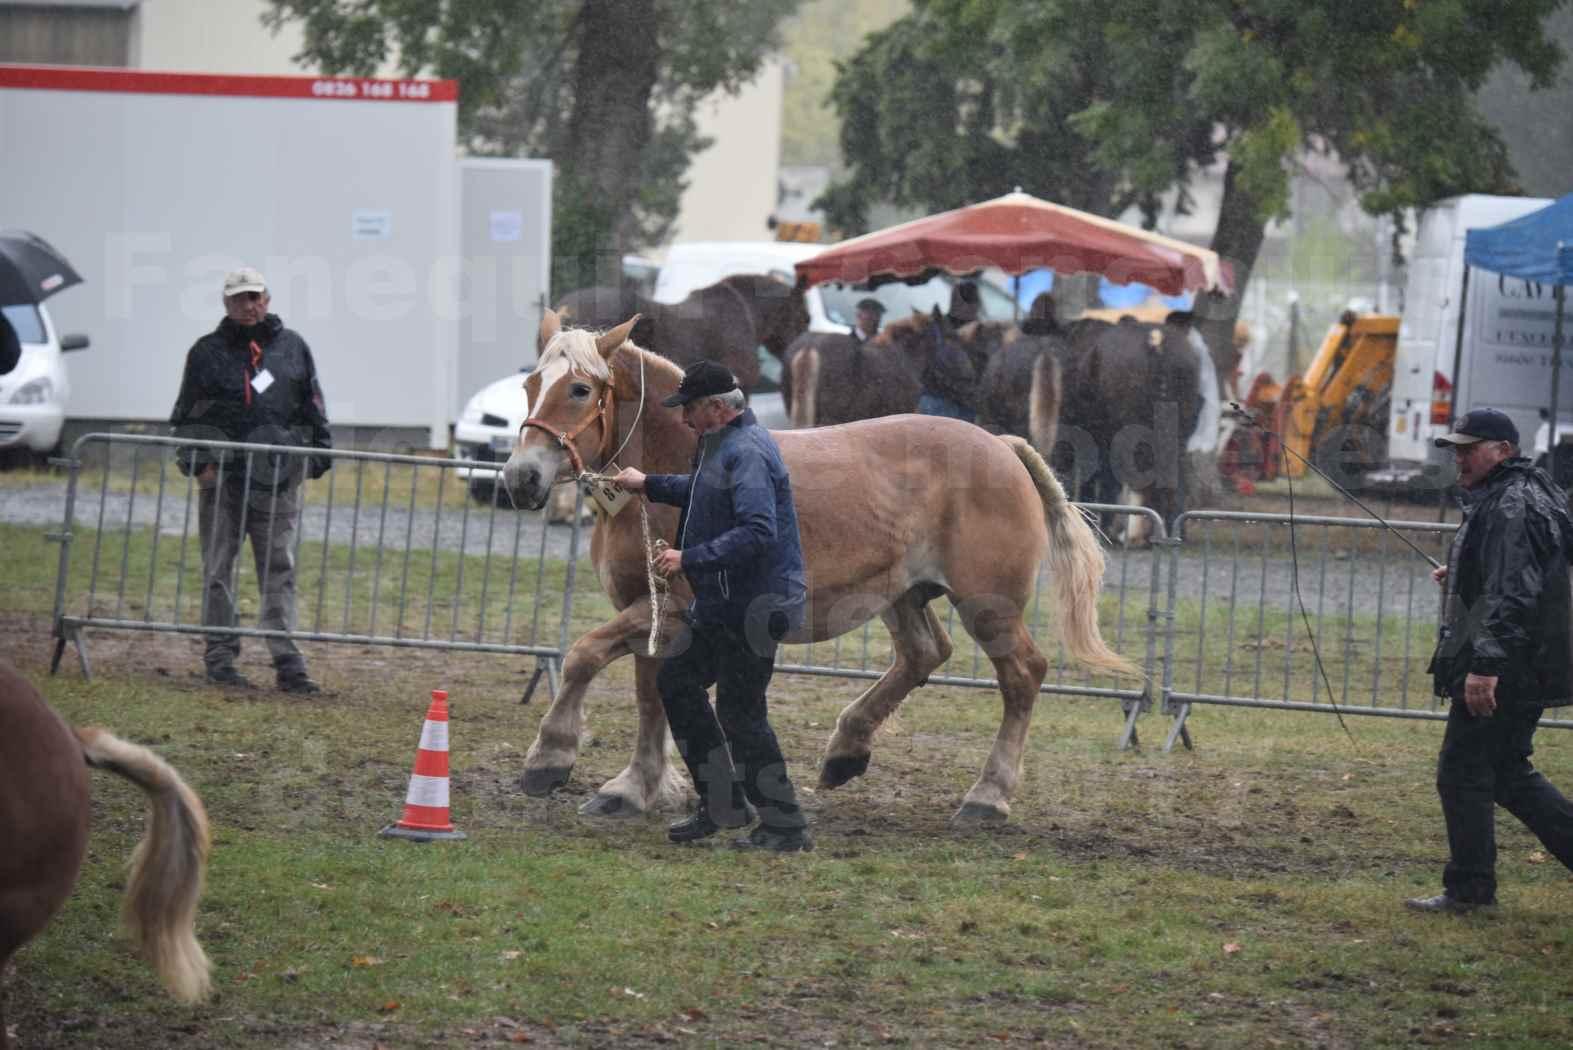 Concours Régional de chevaux de traits en 2017 - Trait BRETON - Jument suitée - OREE DES AMOUROUX - 10